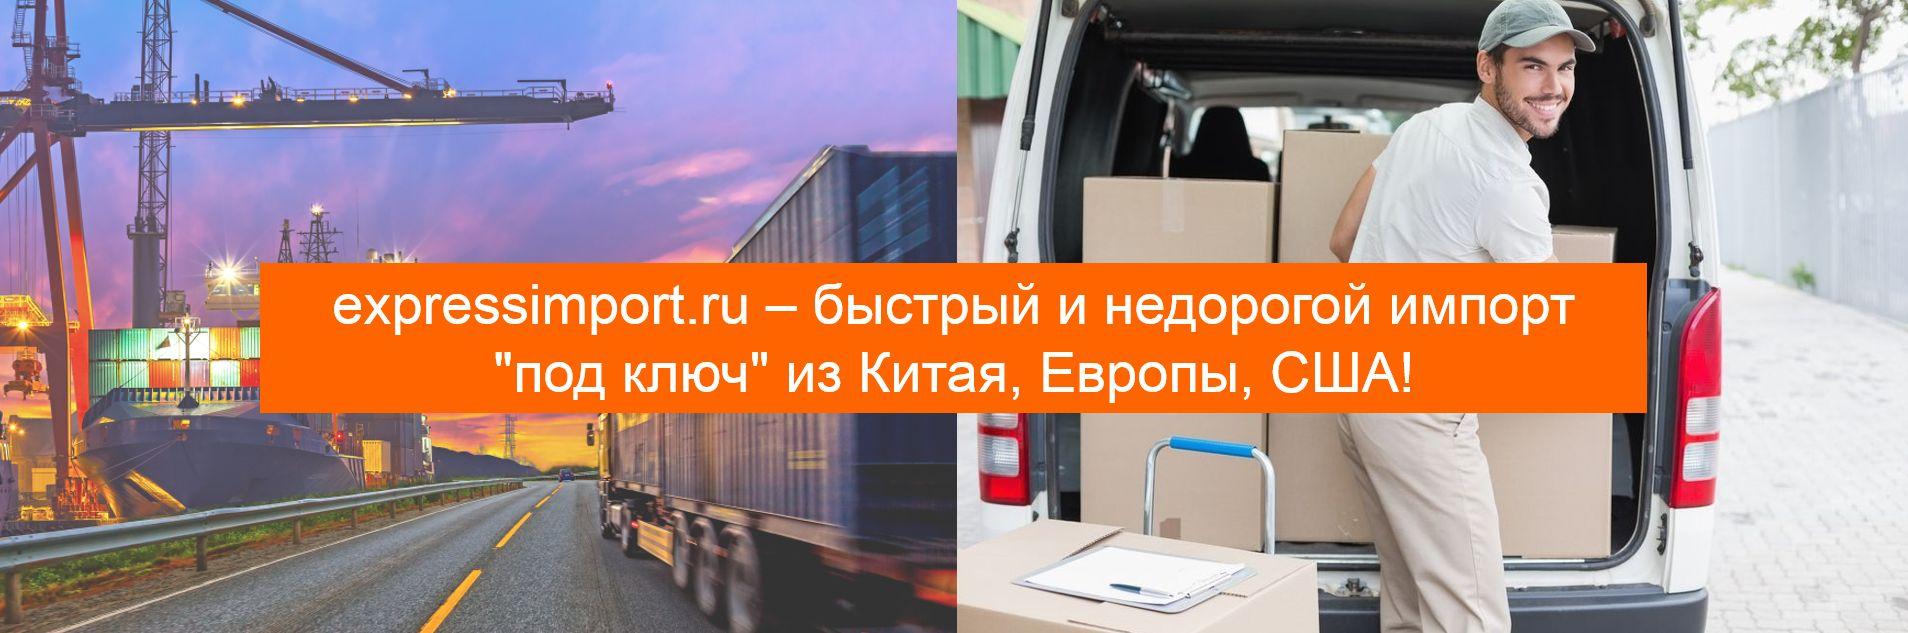 Импорт товаров в Россию под ключ из Китая, Европы, США